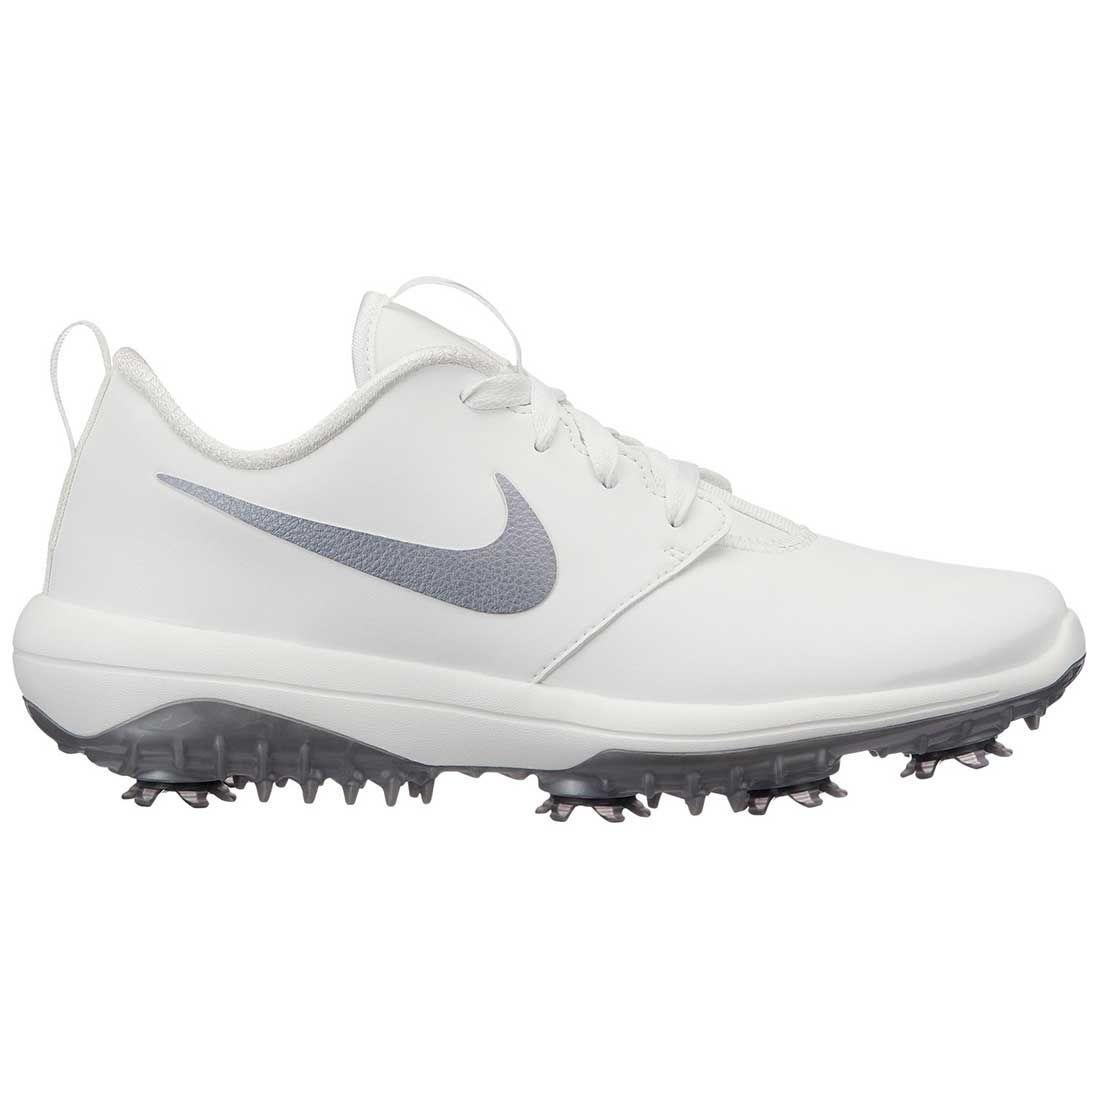 Roshe G Tour Golf Shoes Summit White